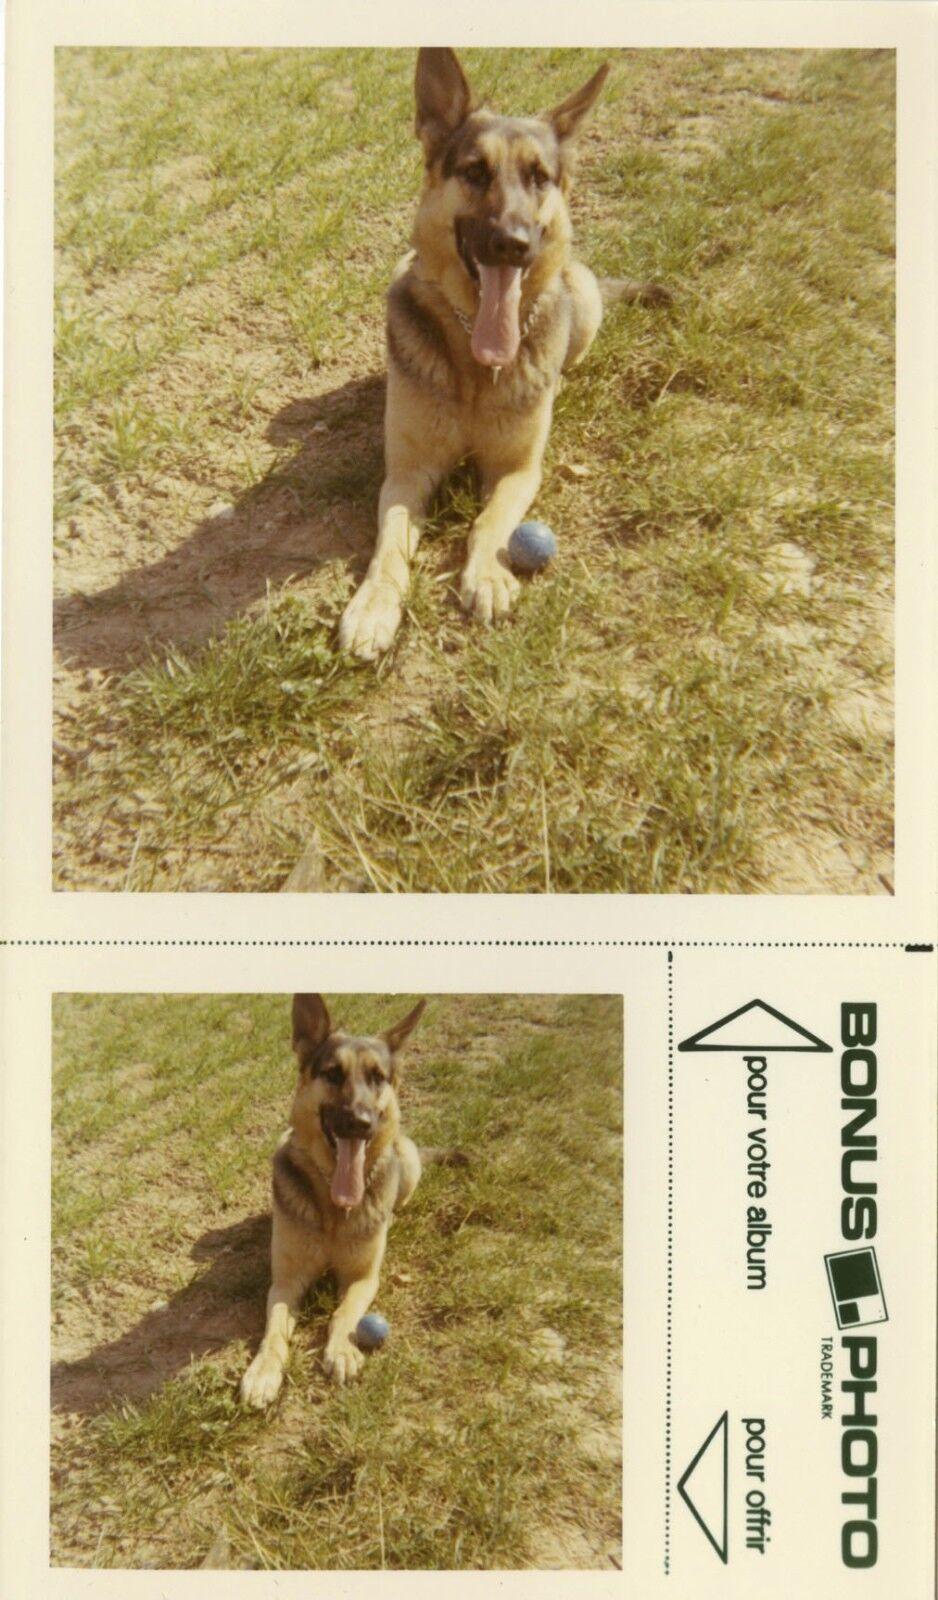 Photo ancienne - vintage snapshot - animal chien berger allemand bonus - dog 12